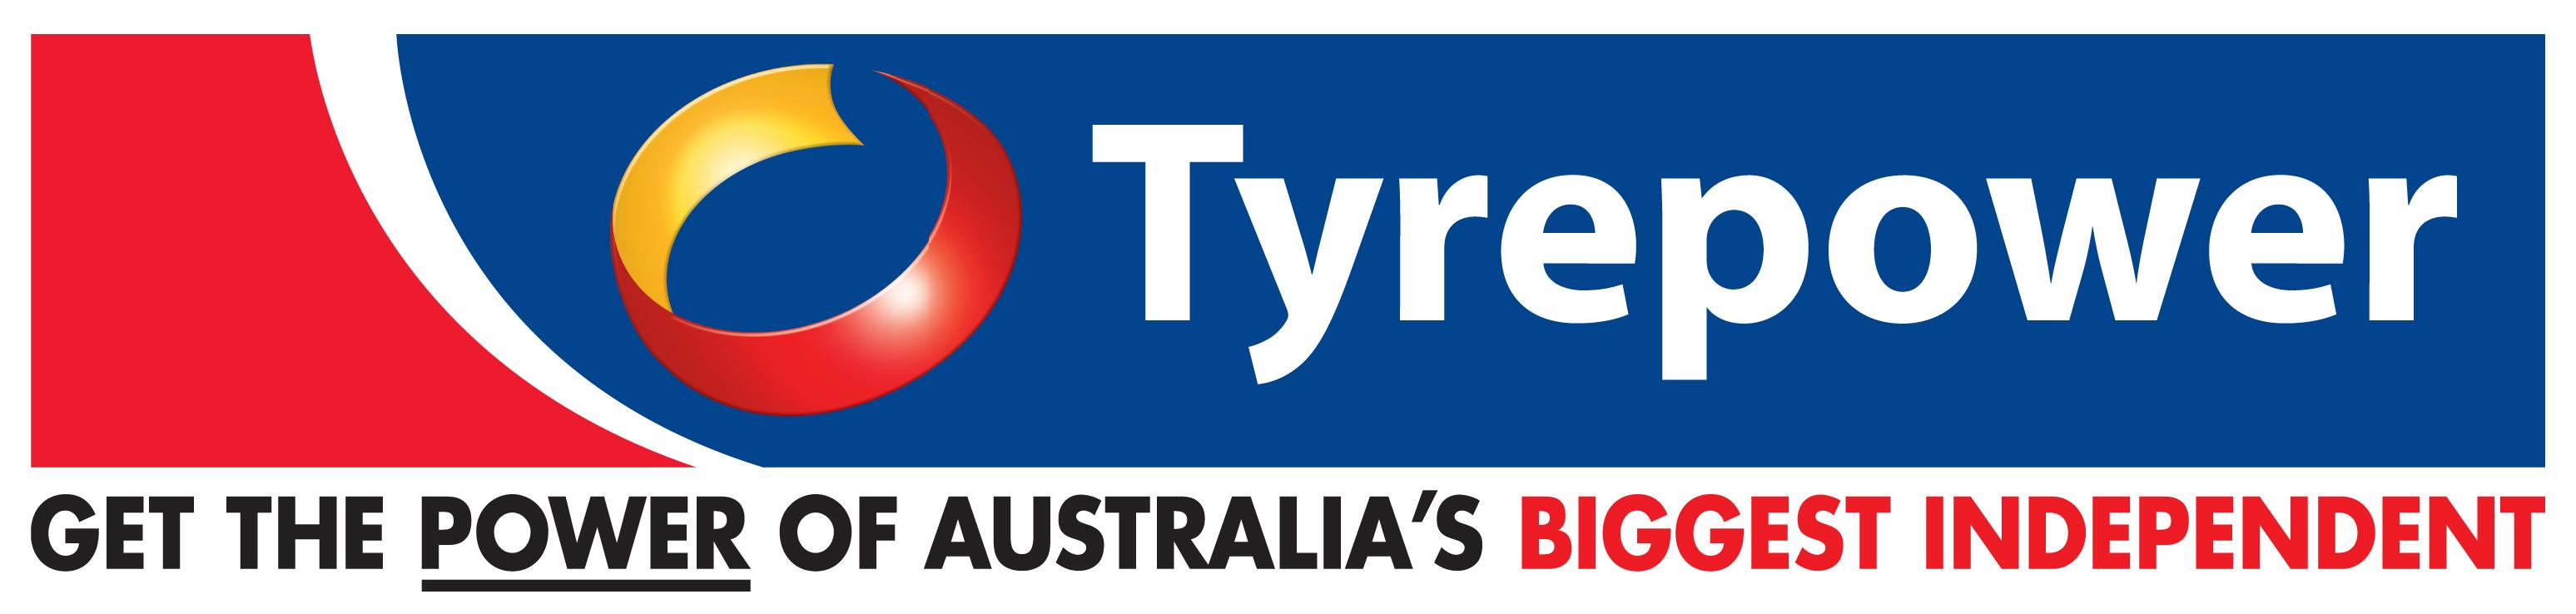 Tyrepower - Solomontown, SA 5540 - (08) 8632 4557 | ShowMeLocal.com